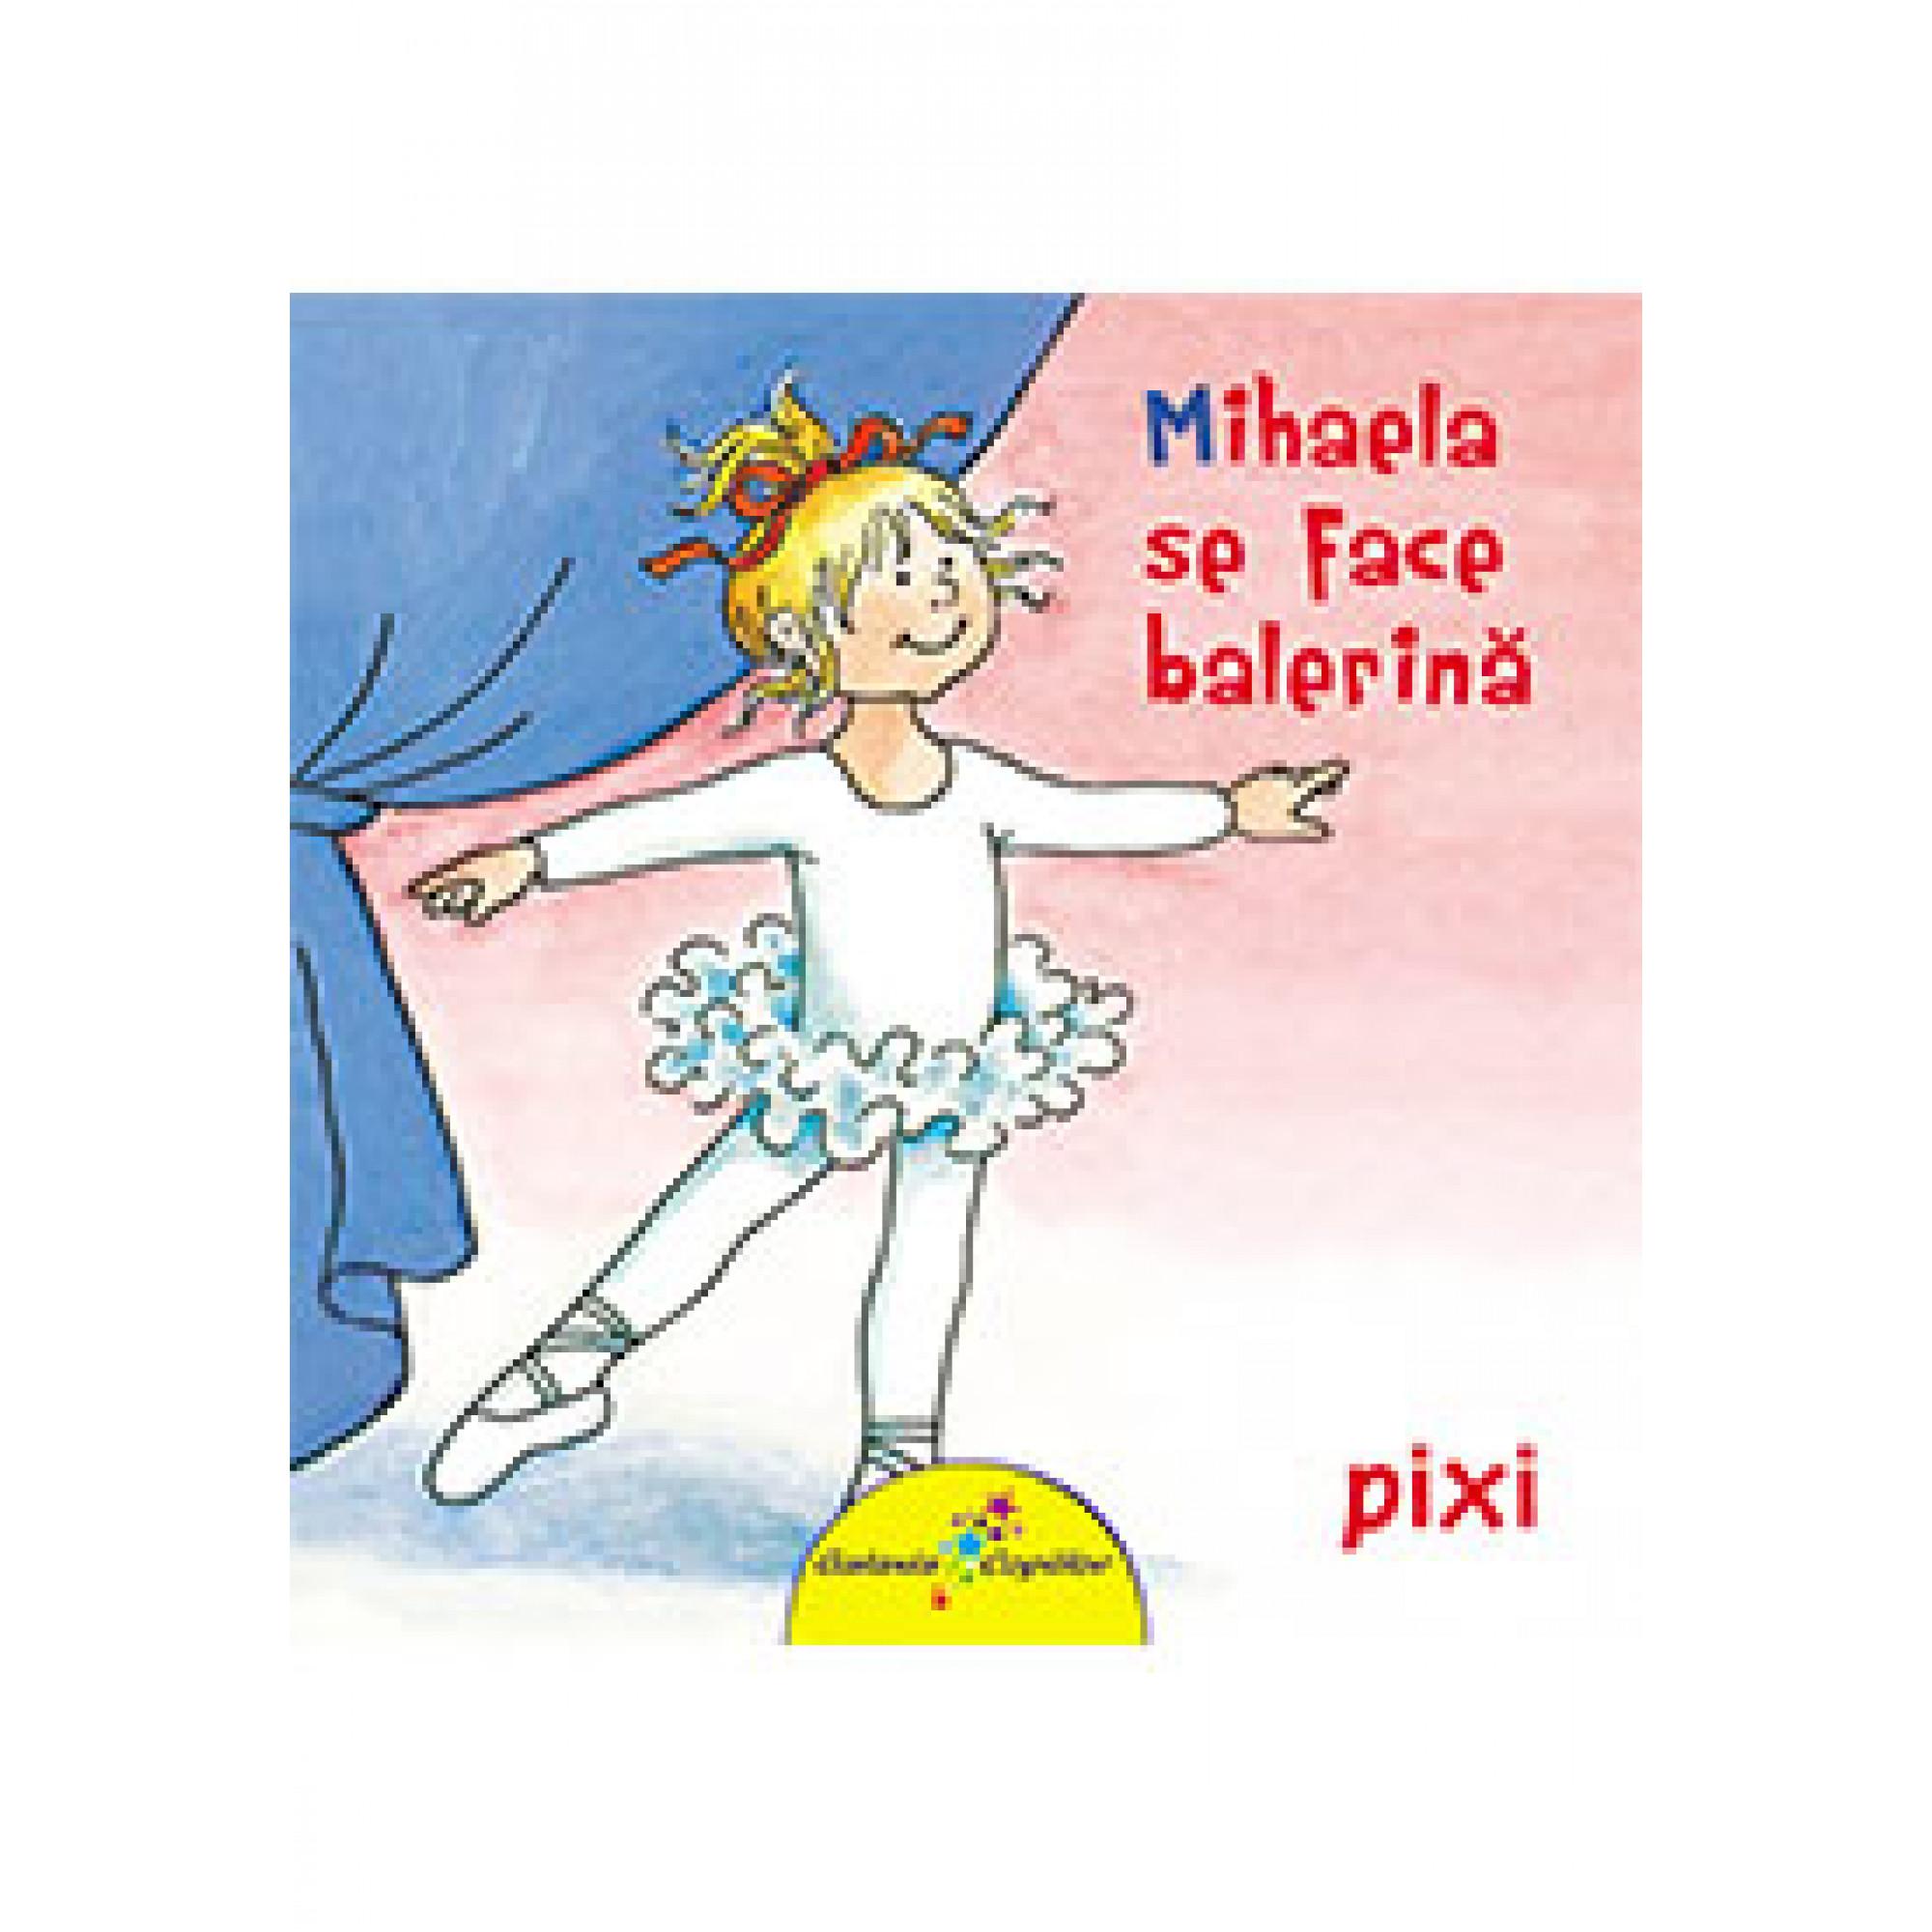 Mihaela se face balerină; Liane Schneider